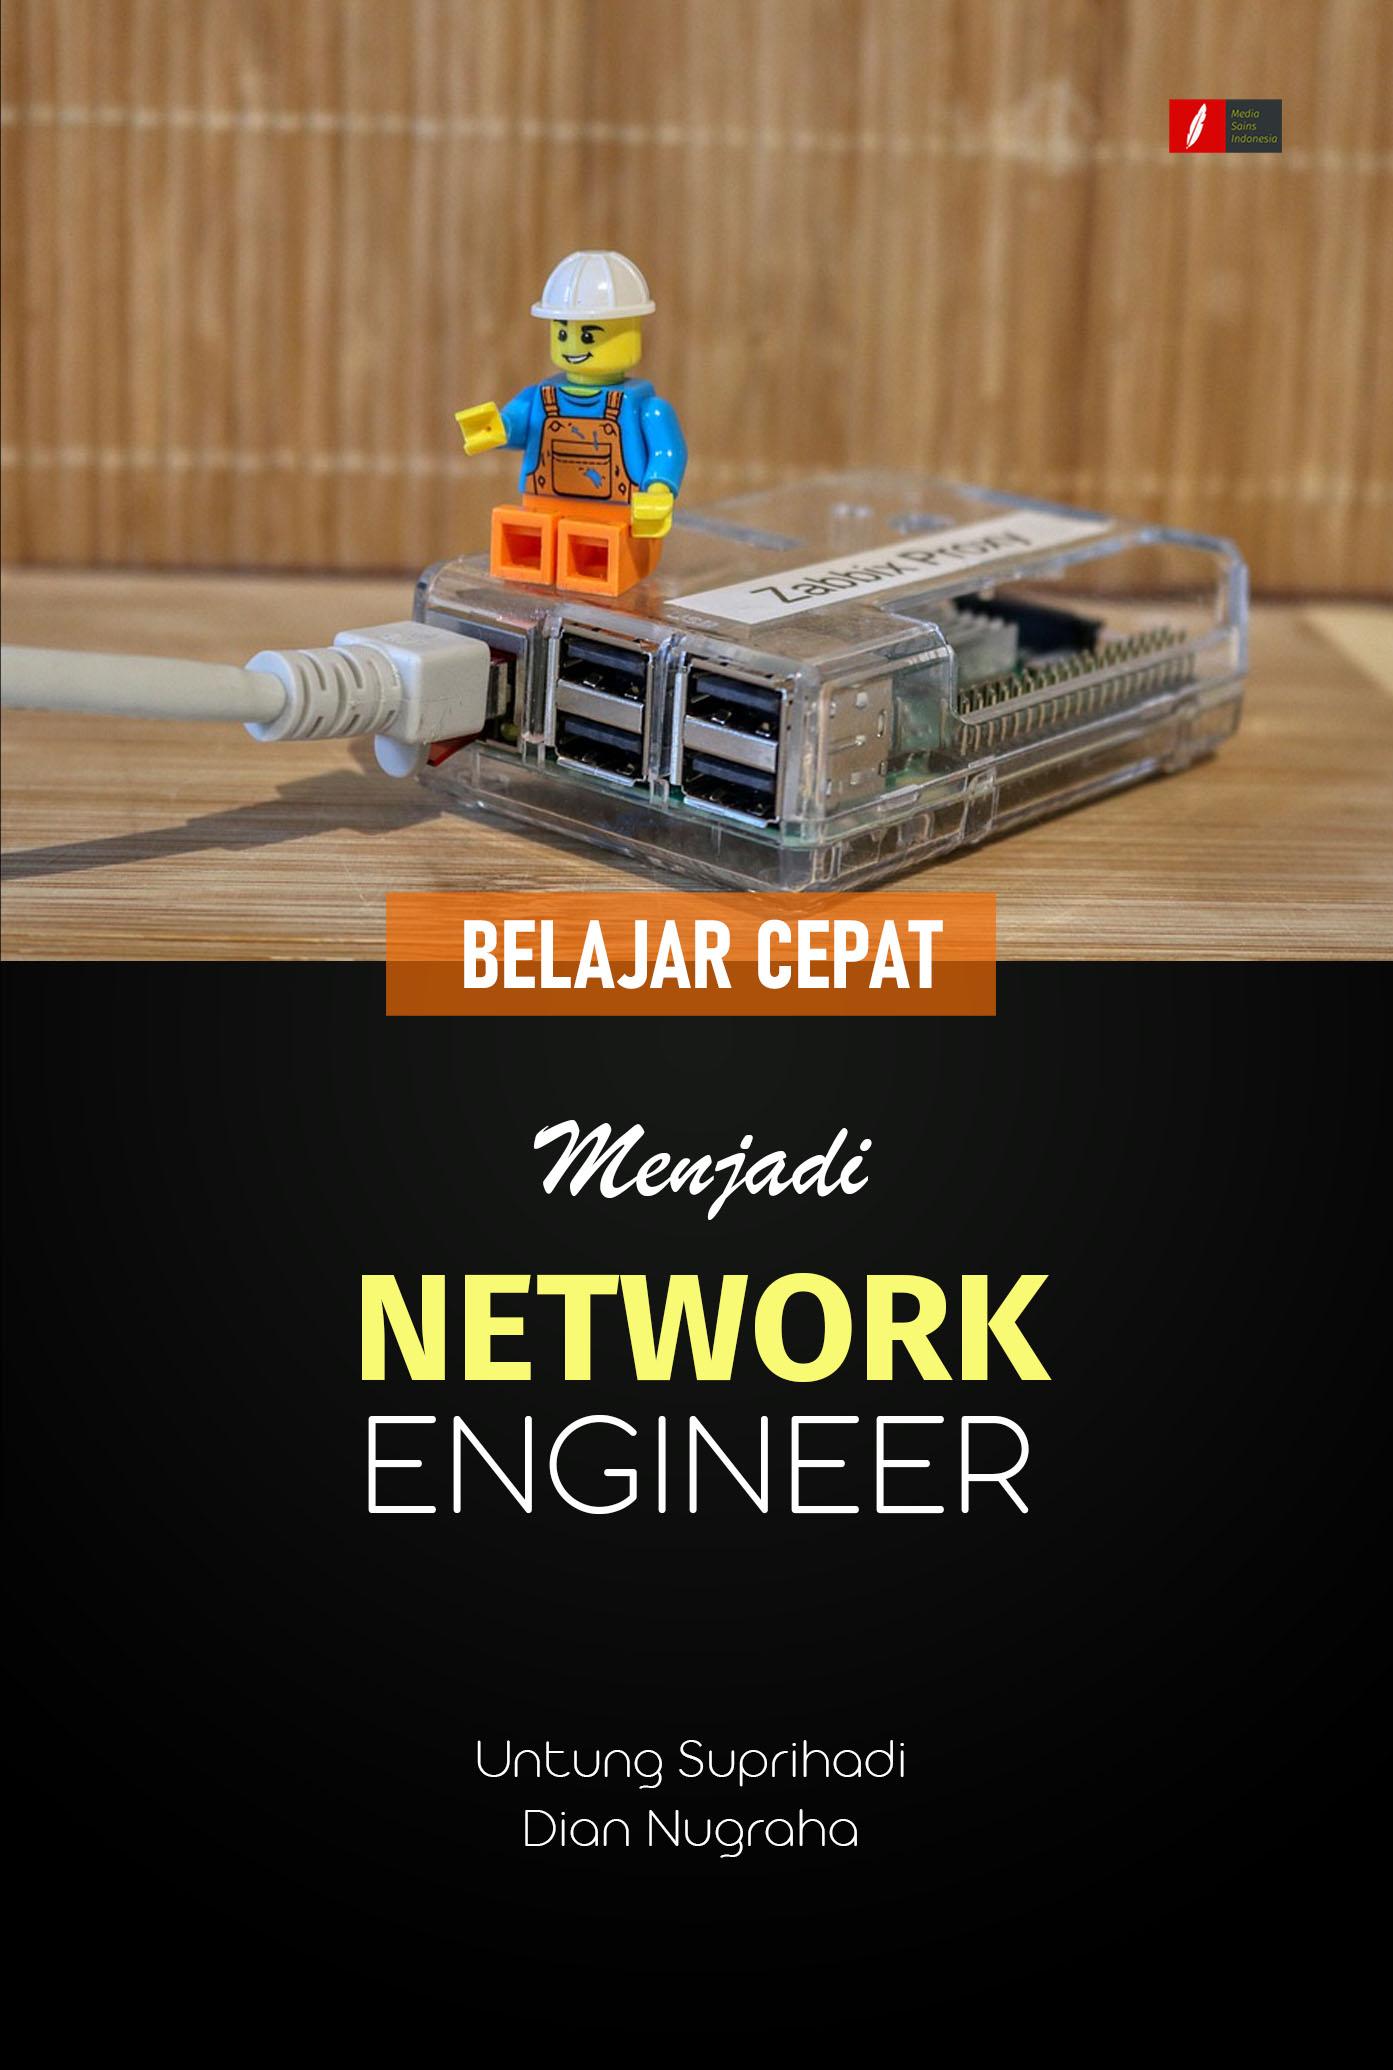 Belajar cepat menjadi network engineer [sumber elektronis] : lengkap dengan tutorial instalasi jaringan dan troubleshooting